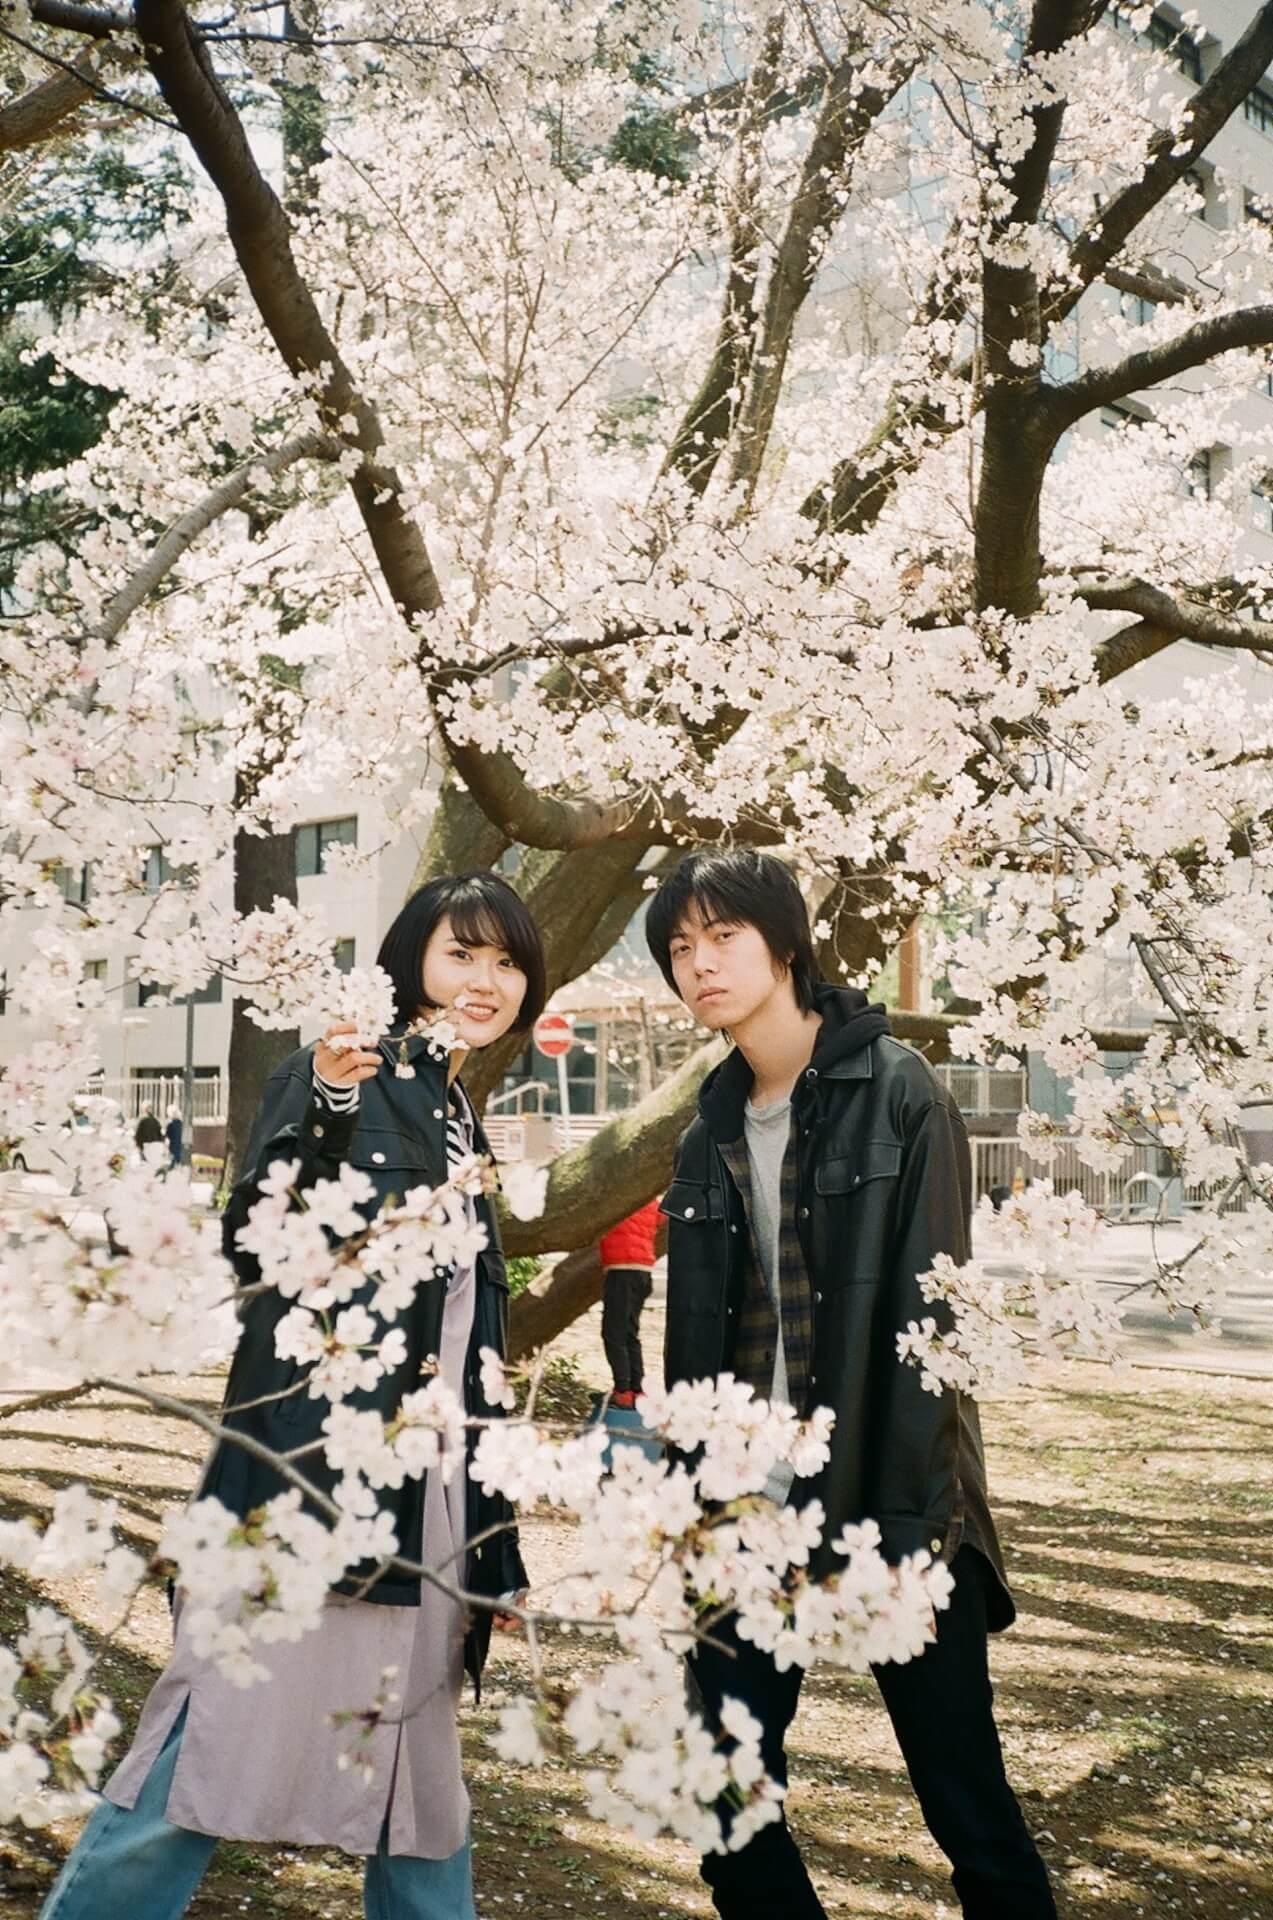 はなむけしゃしん - Ye&Nana「落花流水」 art200325_hanamukeshashin_7